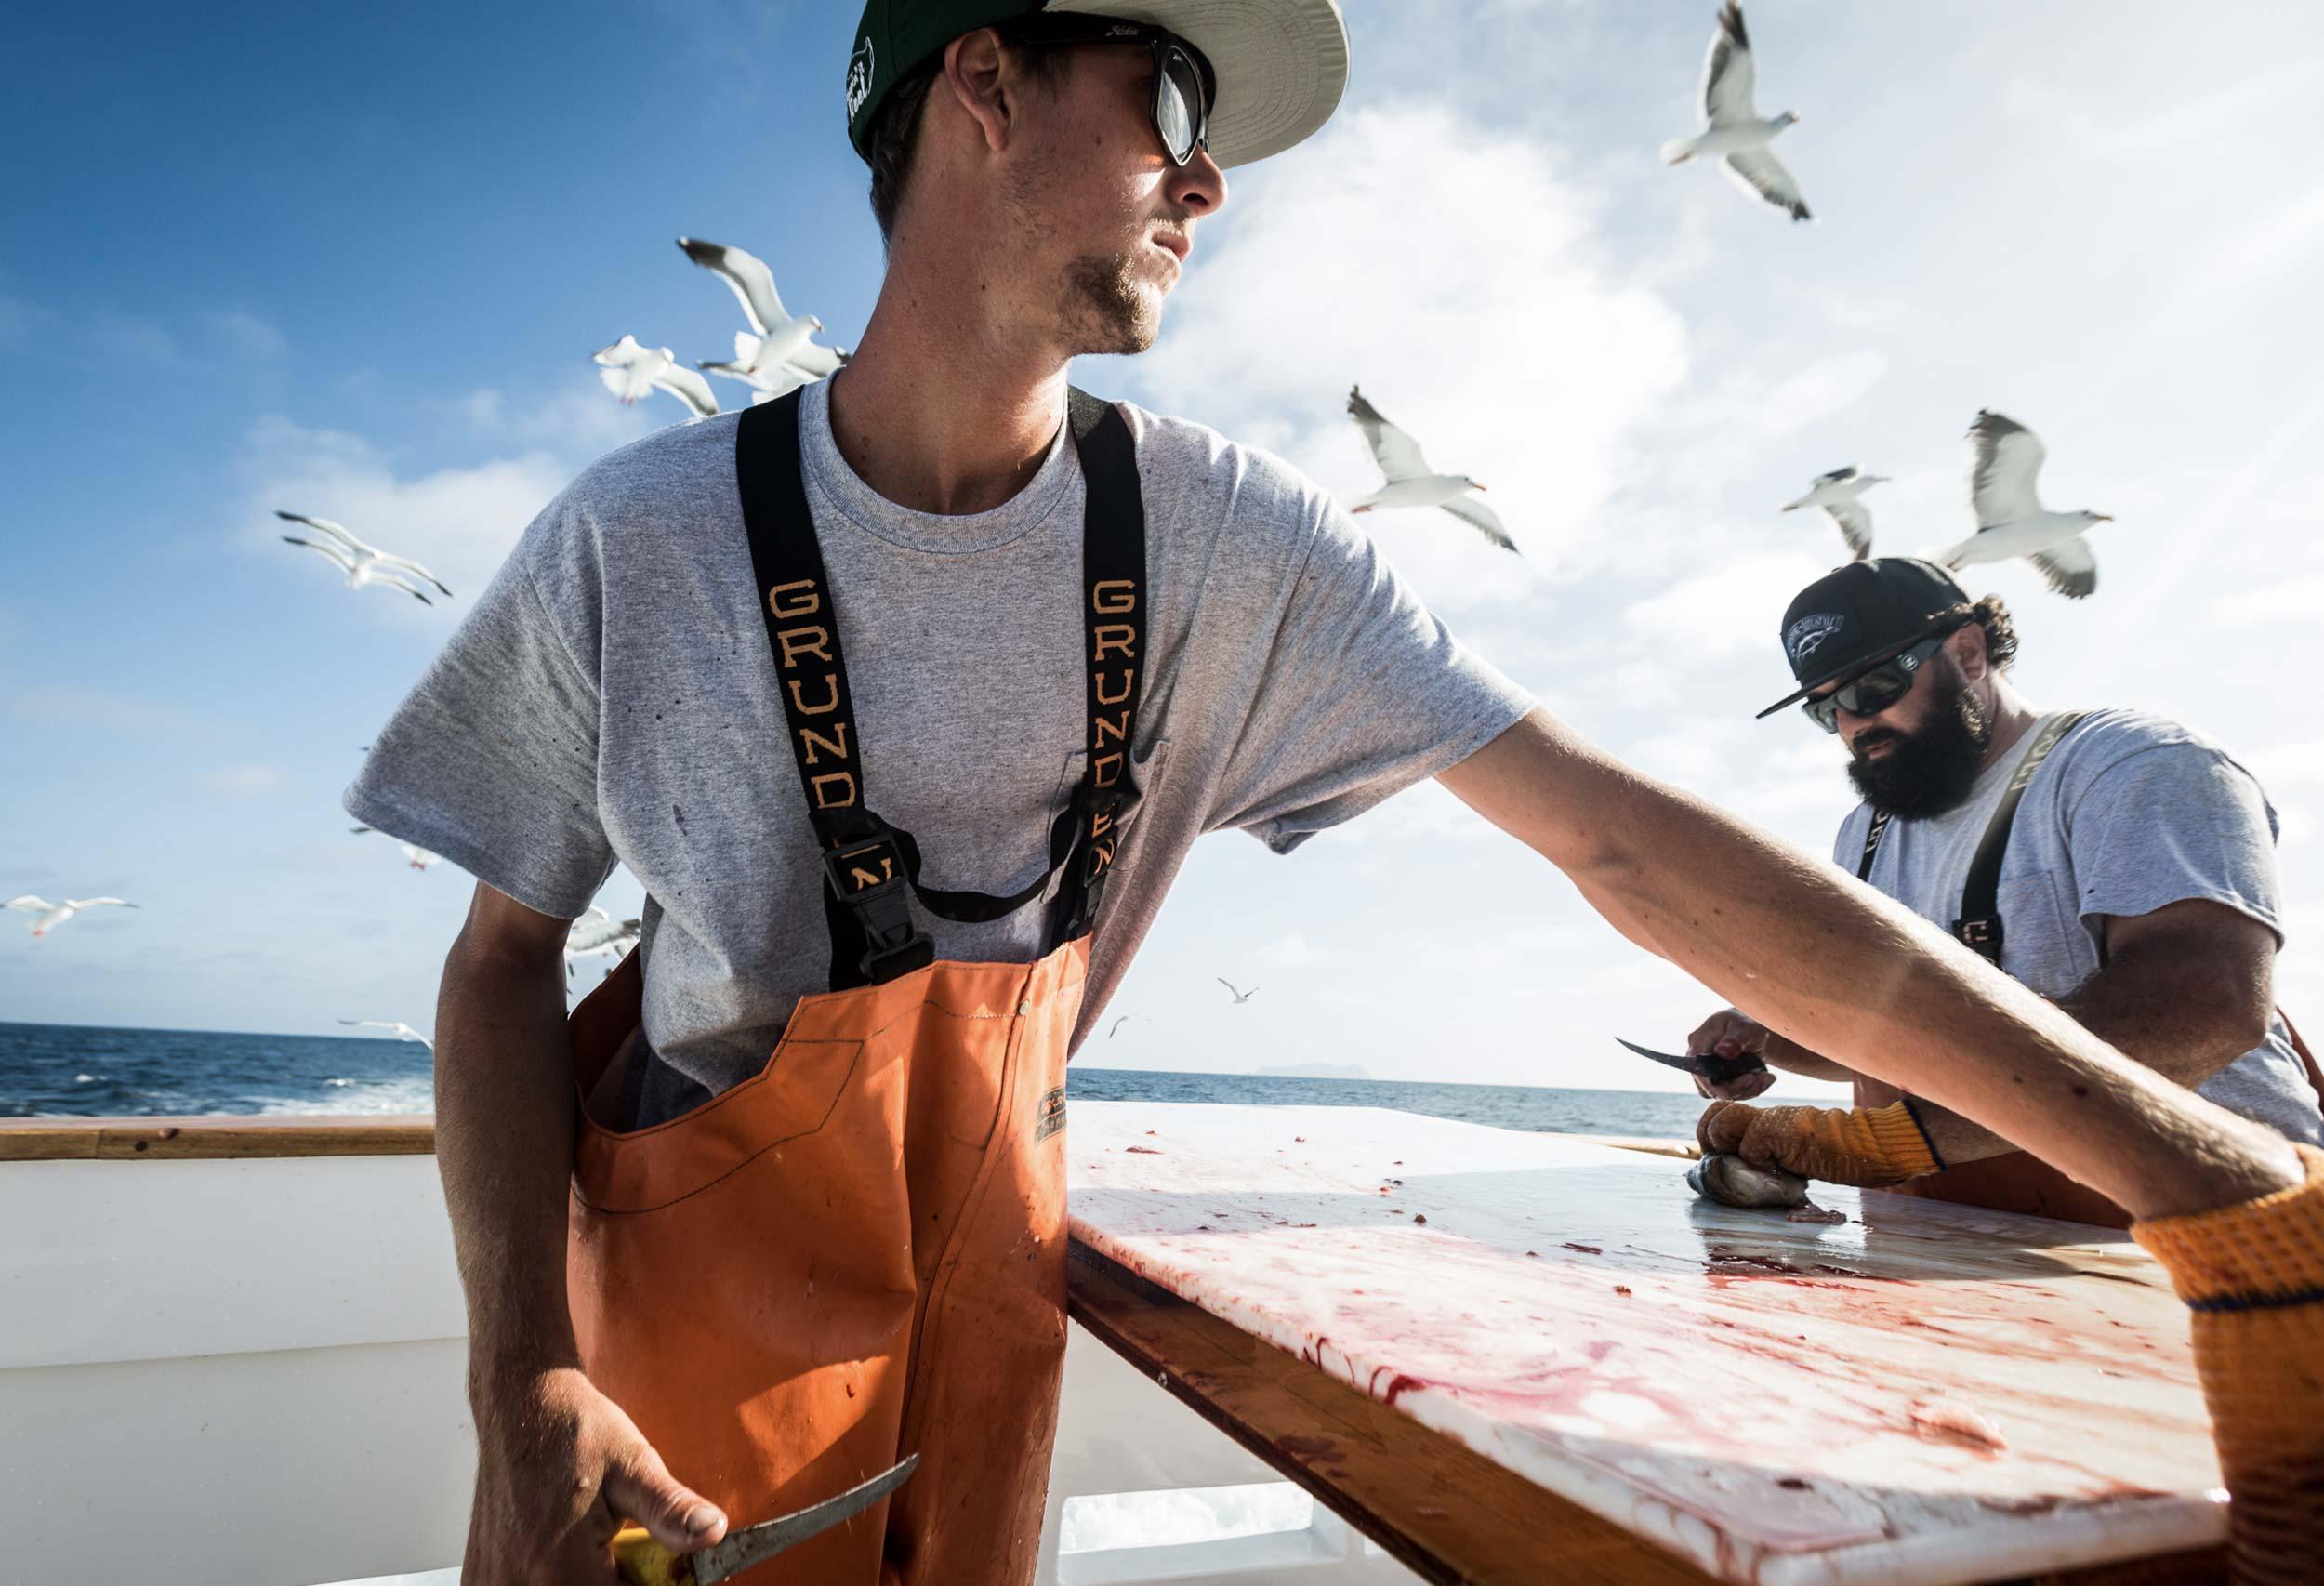 Fisherman_JMichaelTuckerPhotography.jpg